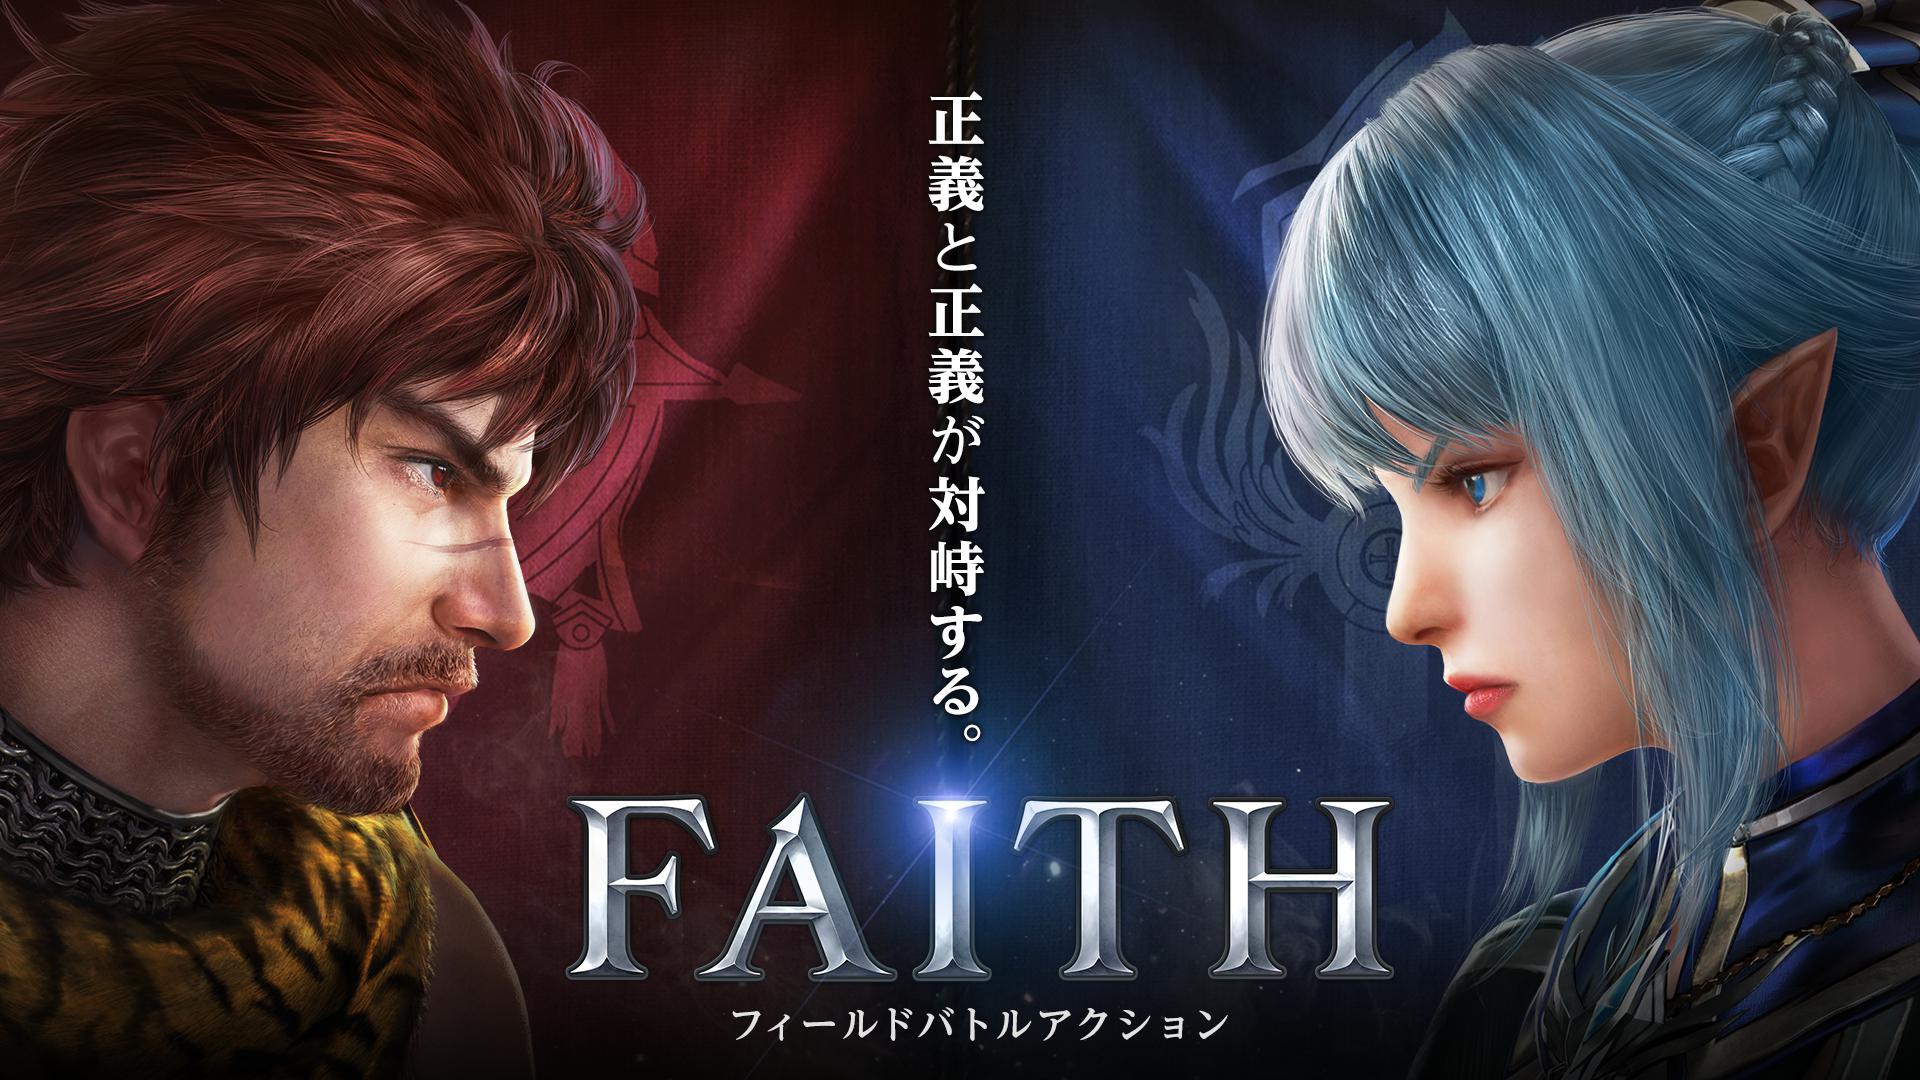 FAITH 游戏截图1